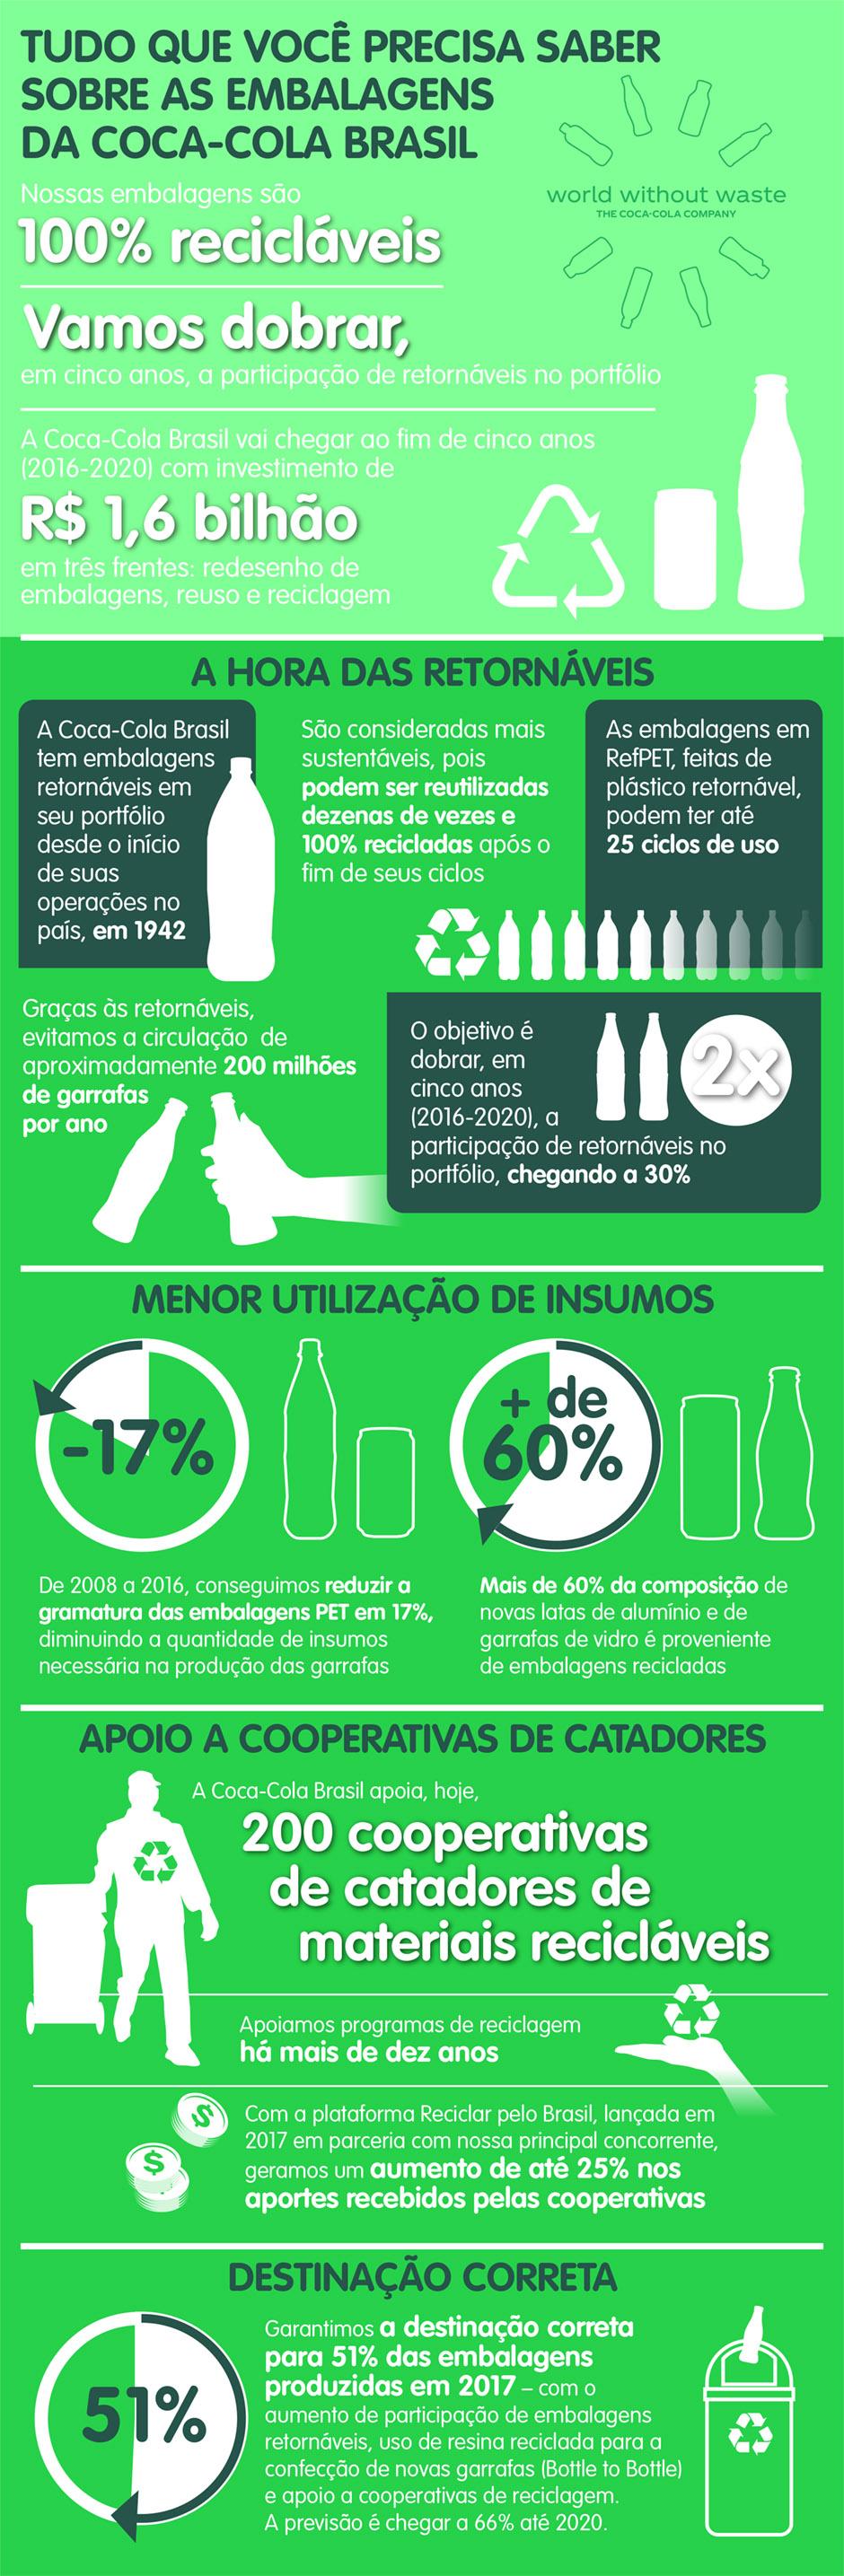 Tudo sobre as embalagens da Coca-Cola Brasil (Arte Fernando Alvarus)